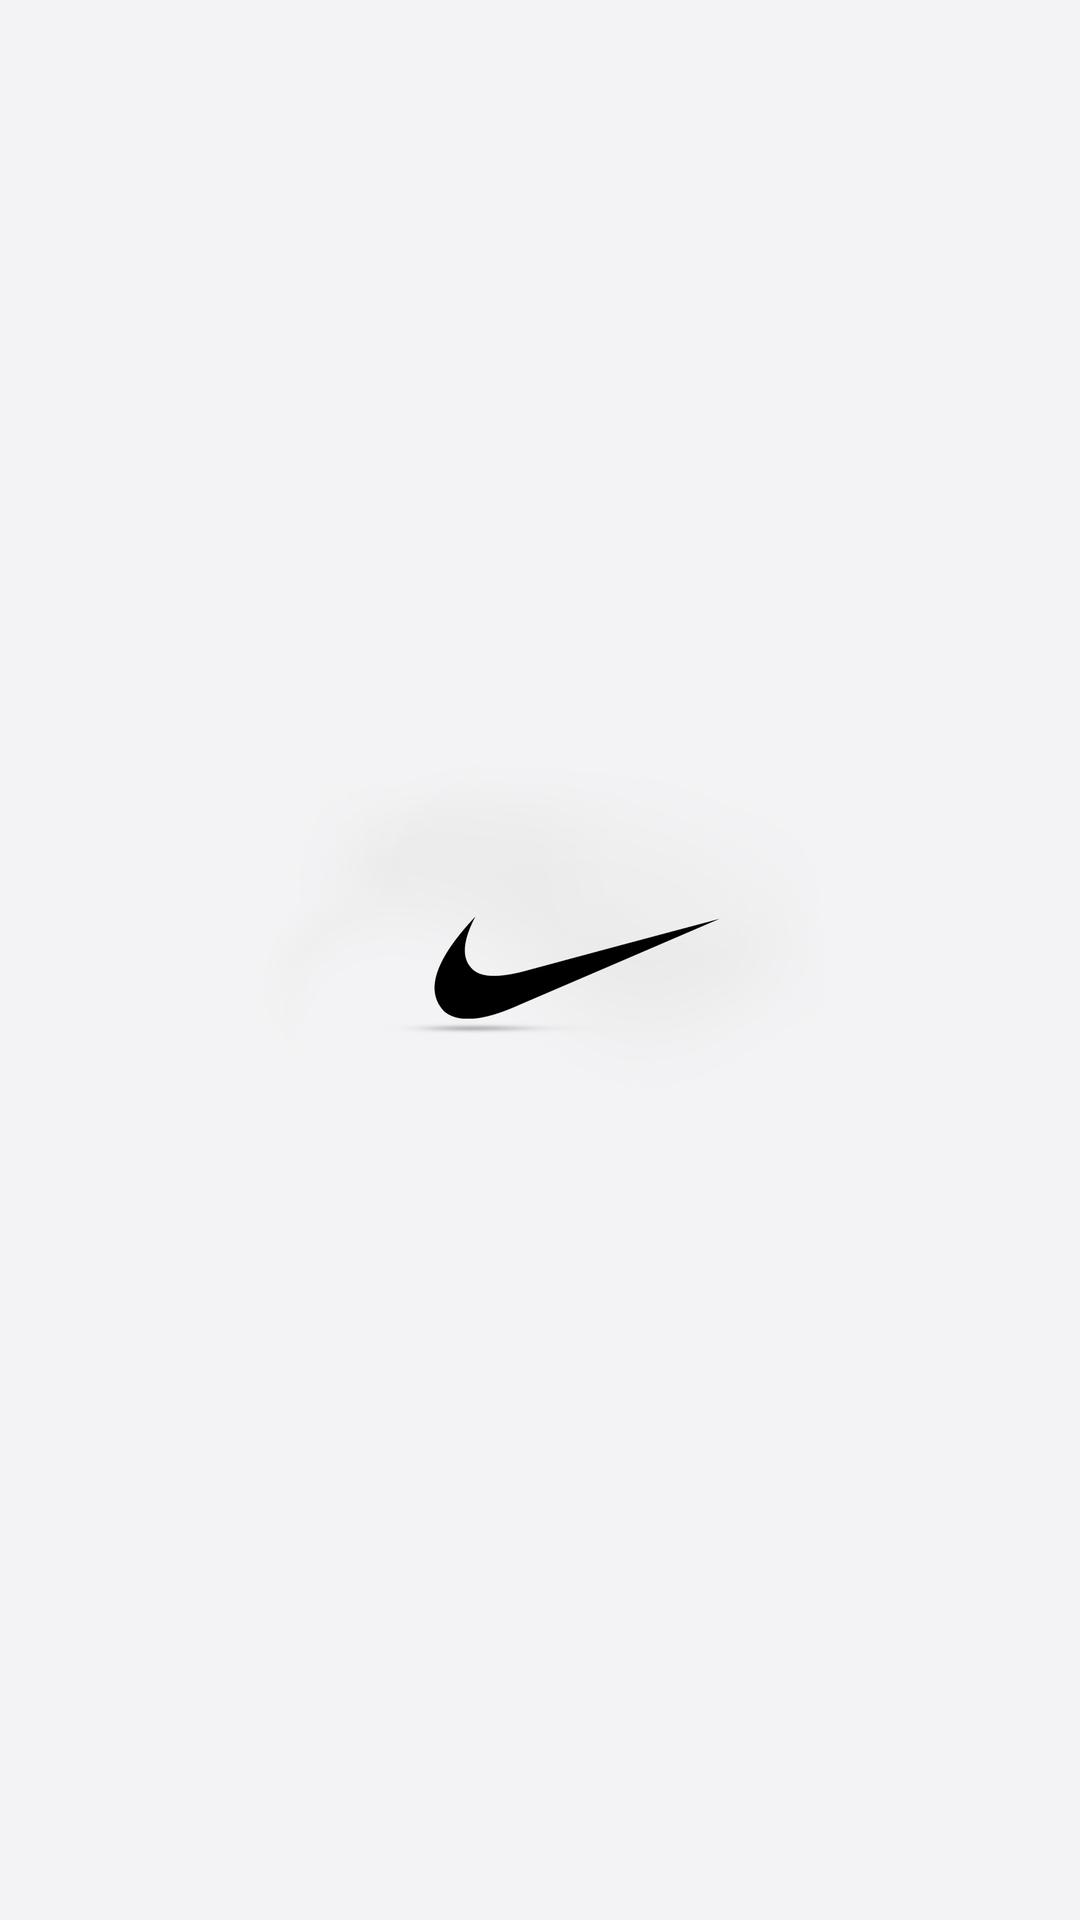 Nike Logo Wallpaper für iPhone   Hintergrundbilder für Android ...